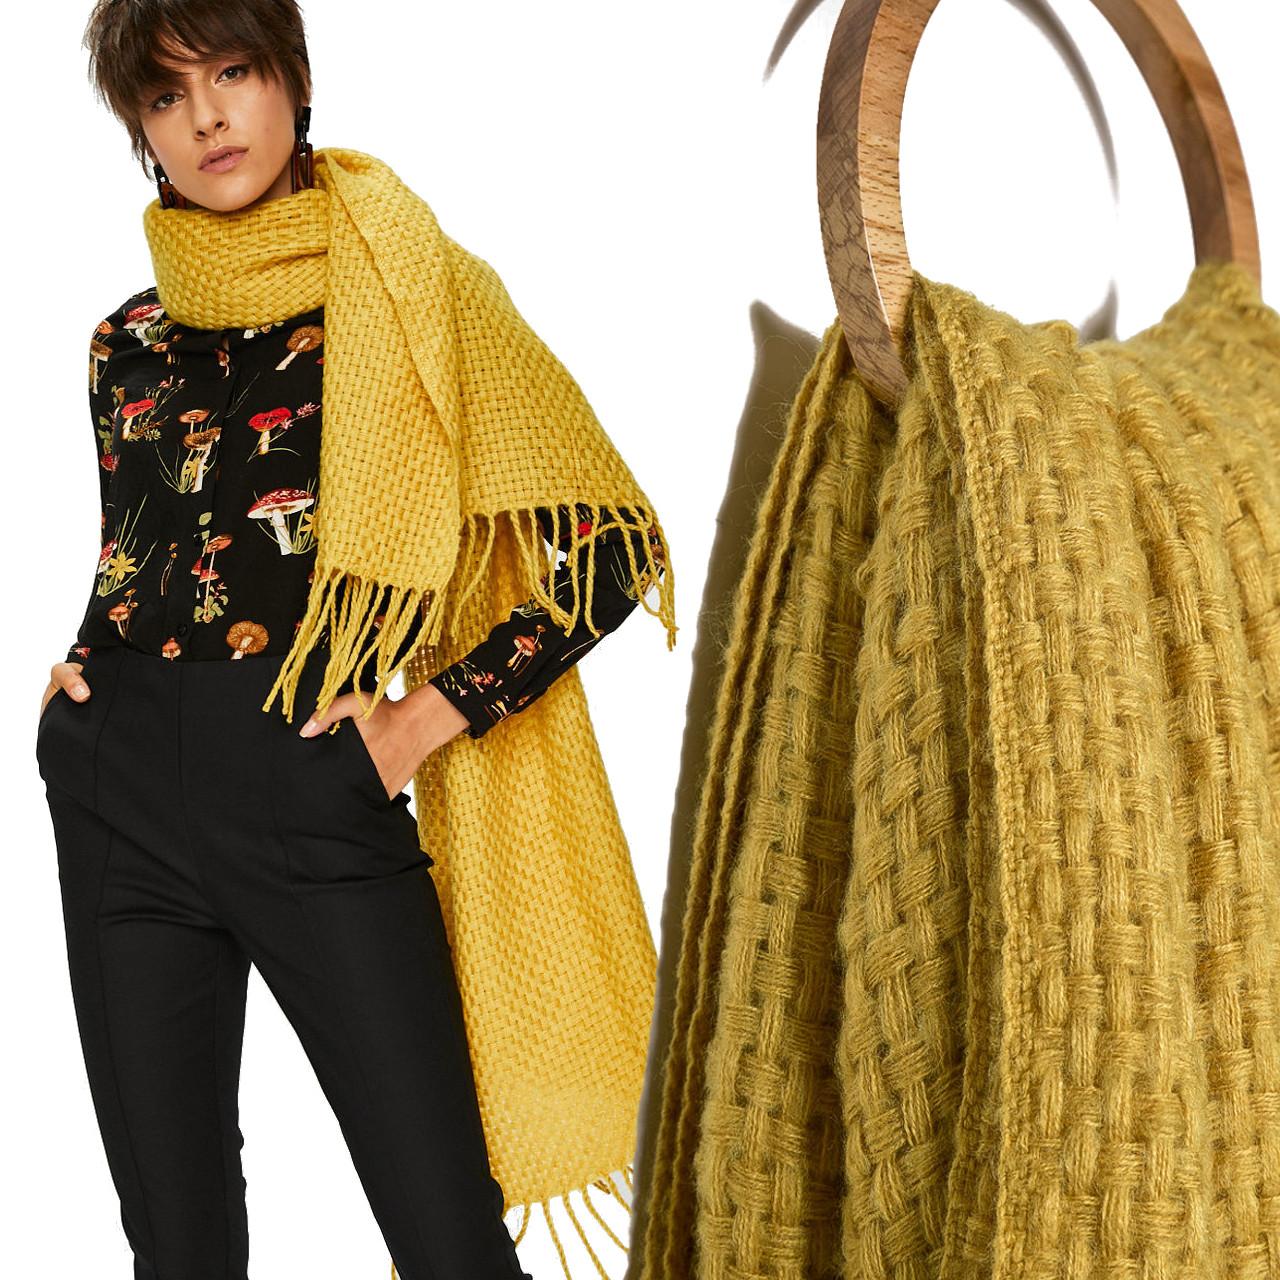 Jesienne trendy w TWOJEJ szafie - TO warto mieć, by poczuć się pięknie i modnie!